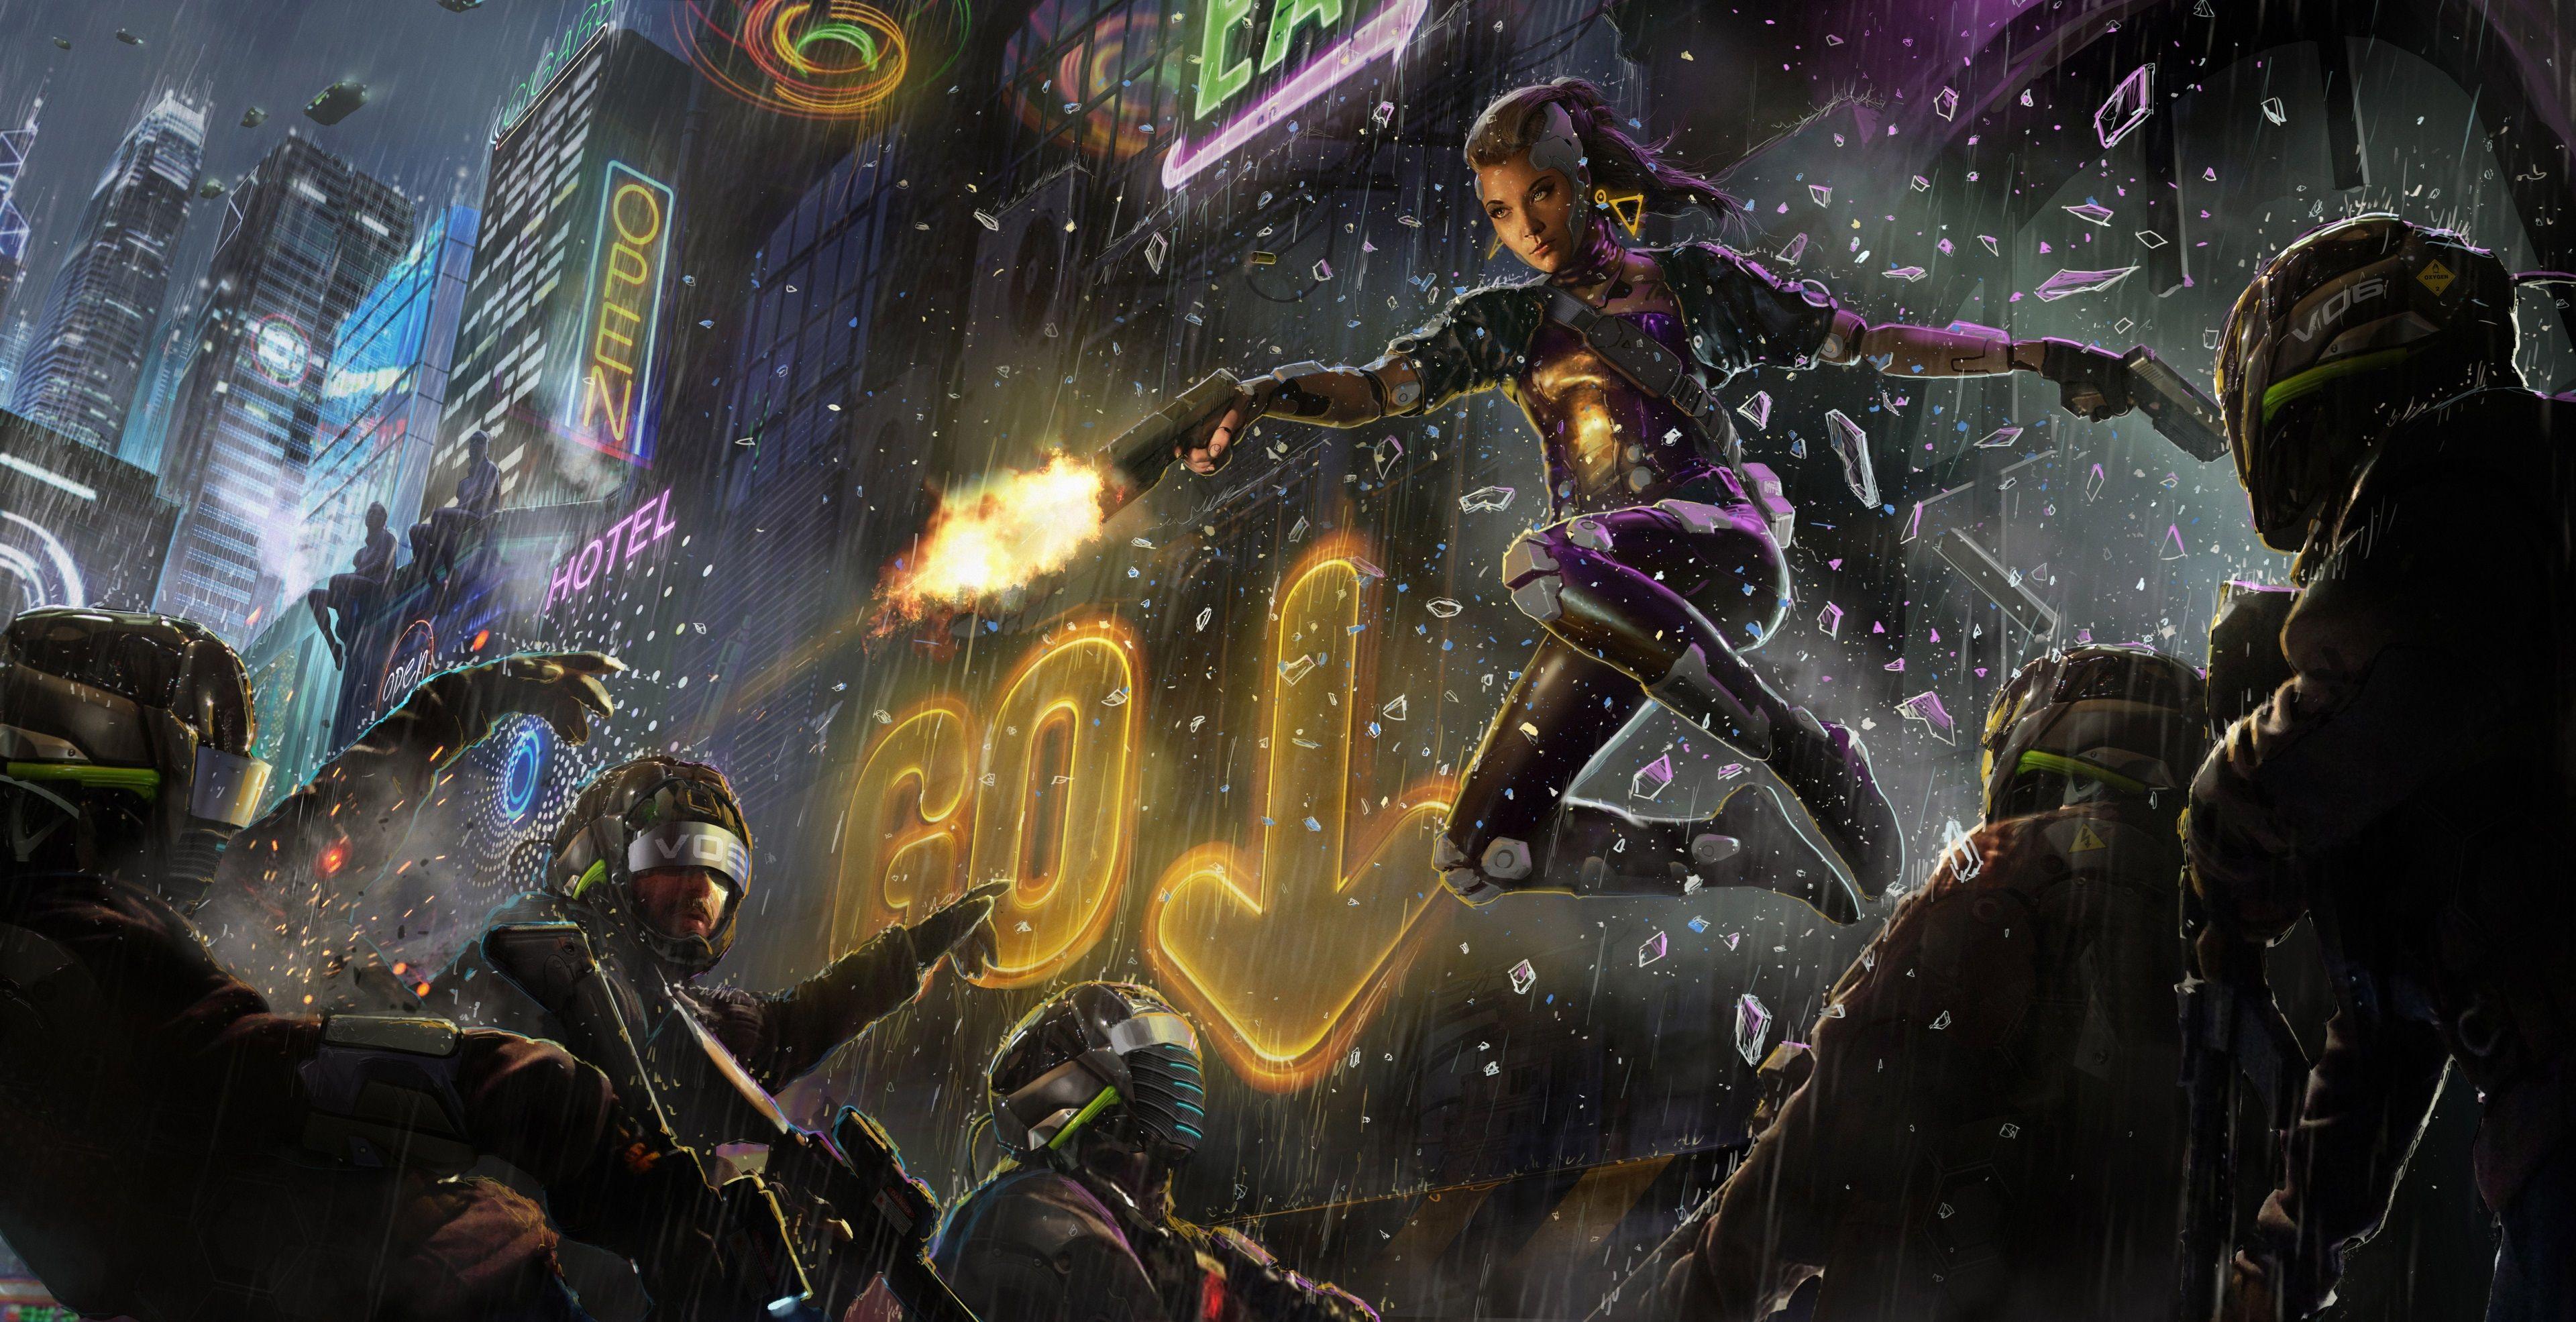 3840x1971 Scifi 4k Wallpaper Pic In 2020 Cyberpunk Art Cyberpunk Cyberpunk 2077